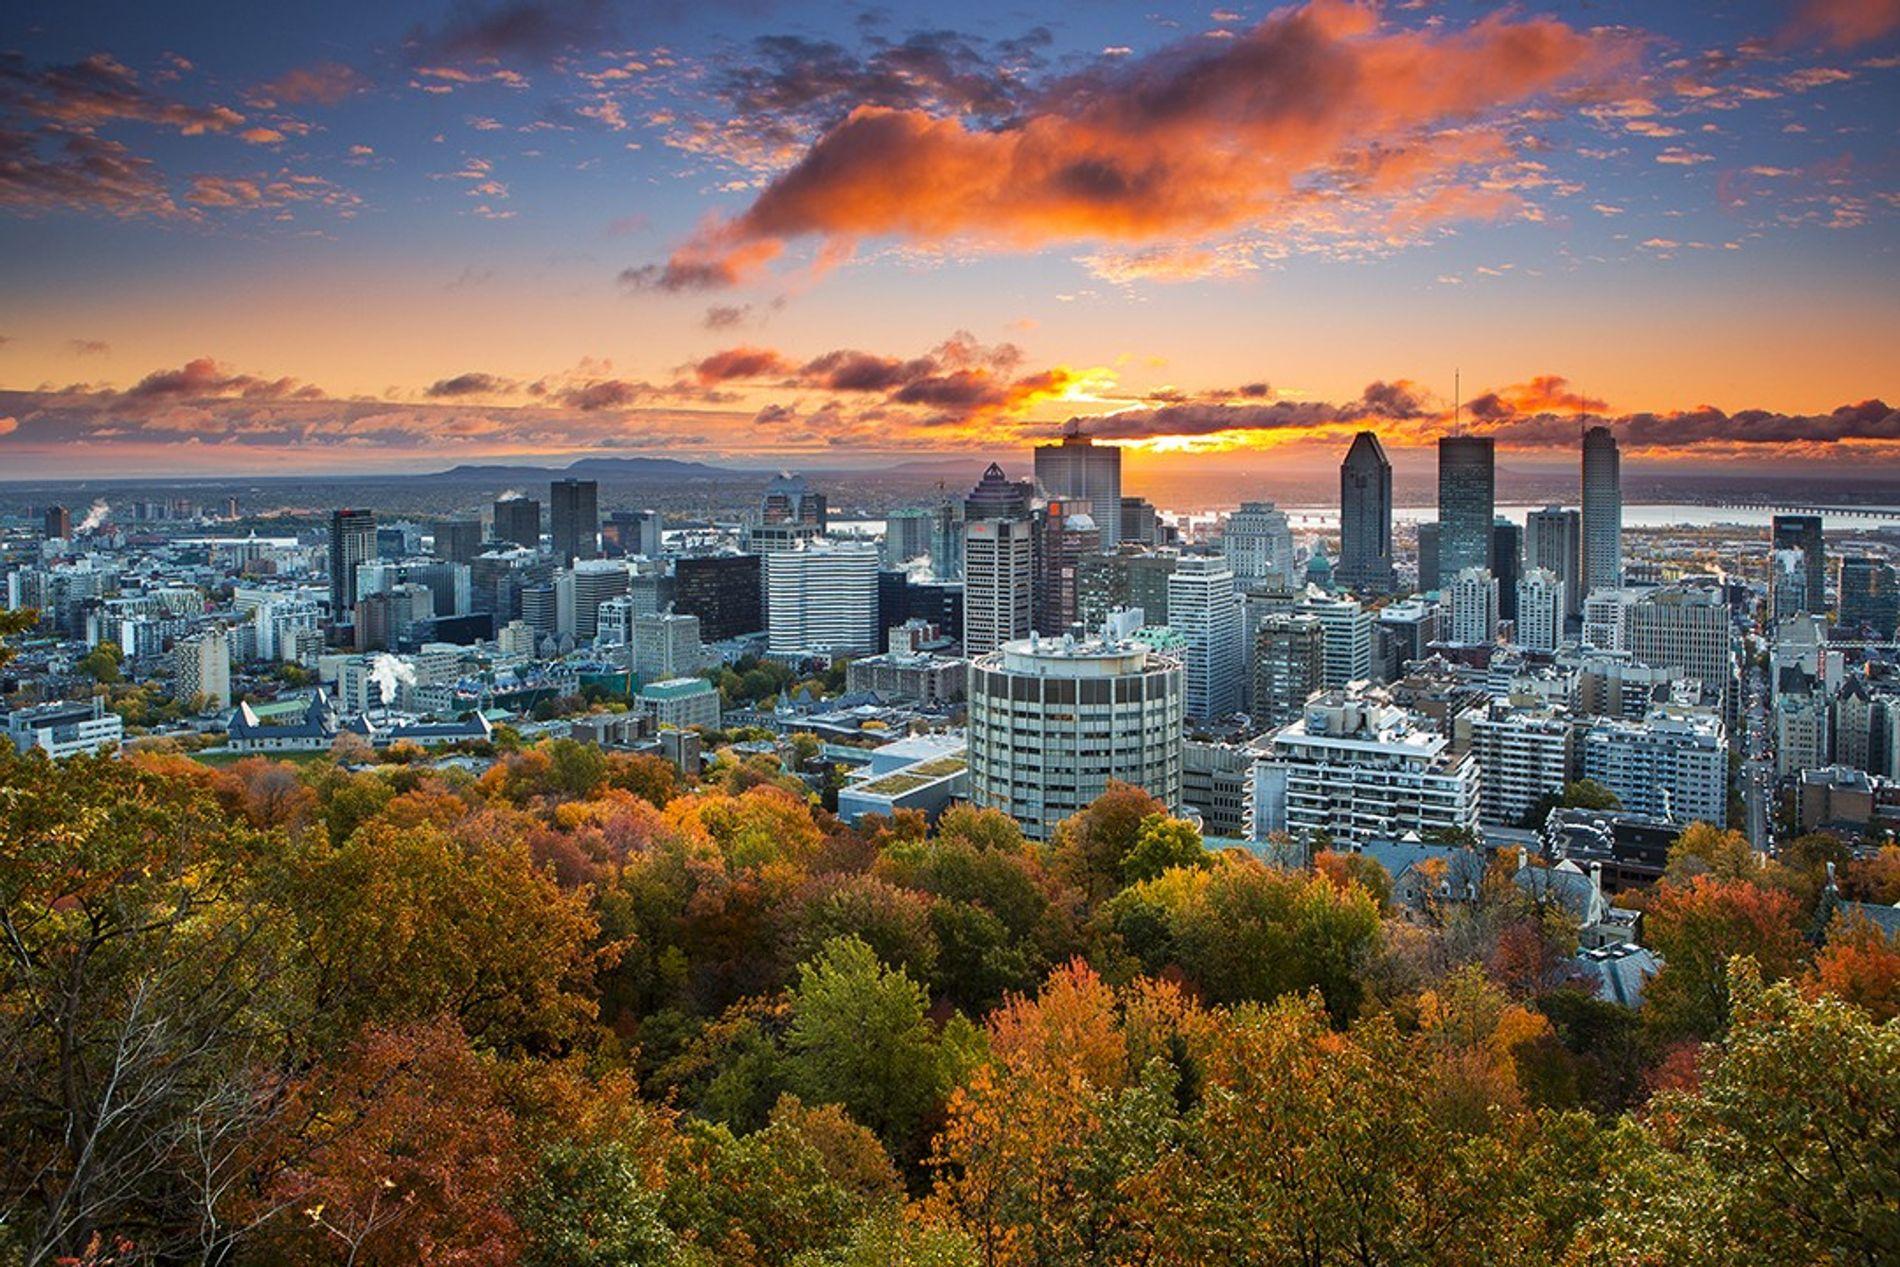 Die Skyline von Montréal leuchtet dramatisch im Sonnenuntergang. Blick vom Kondiaronk Lookout im Mount Royal Park.